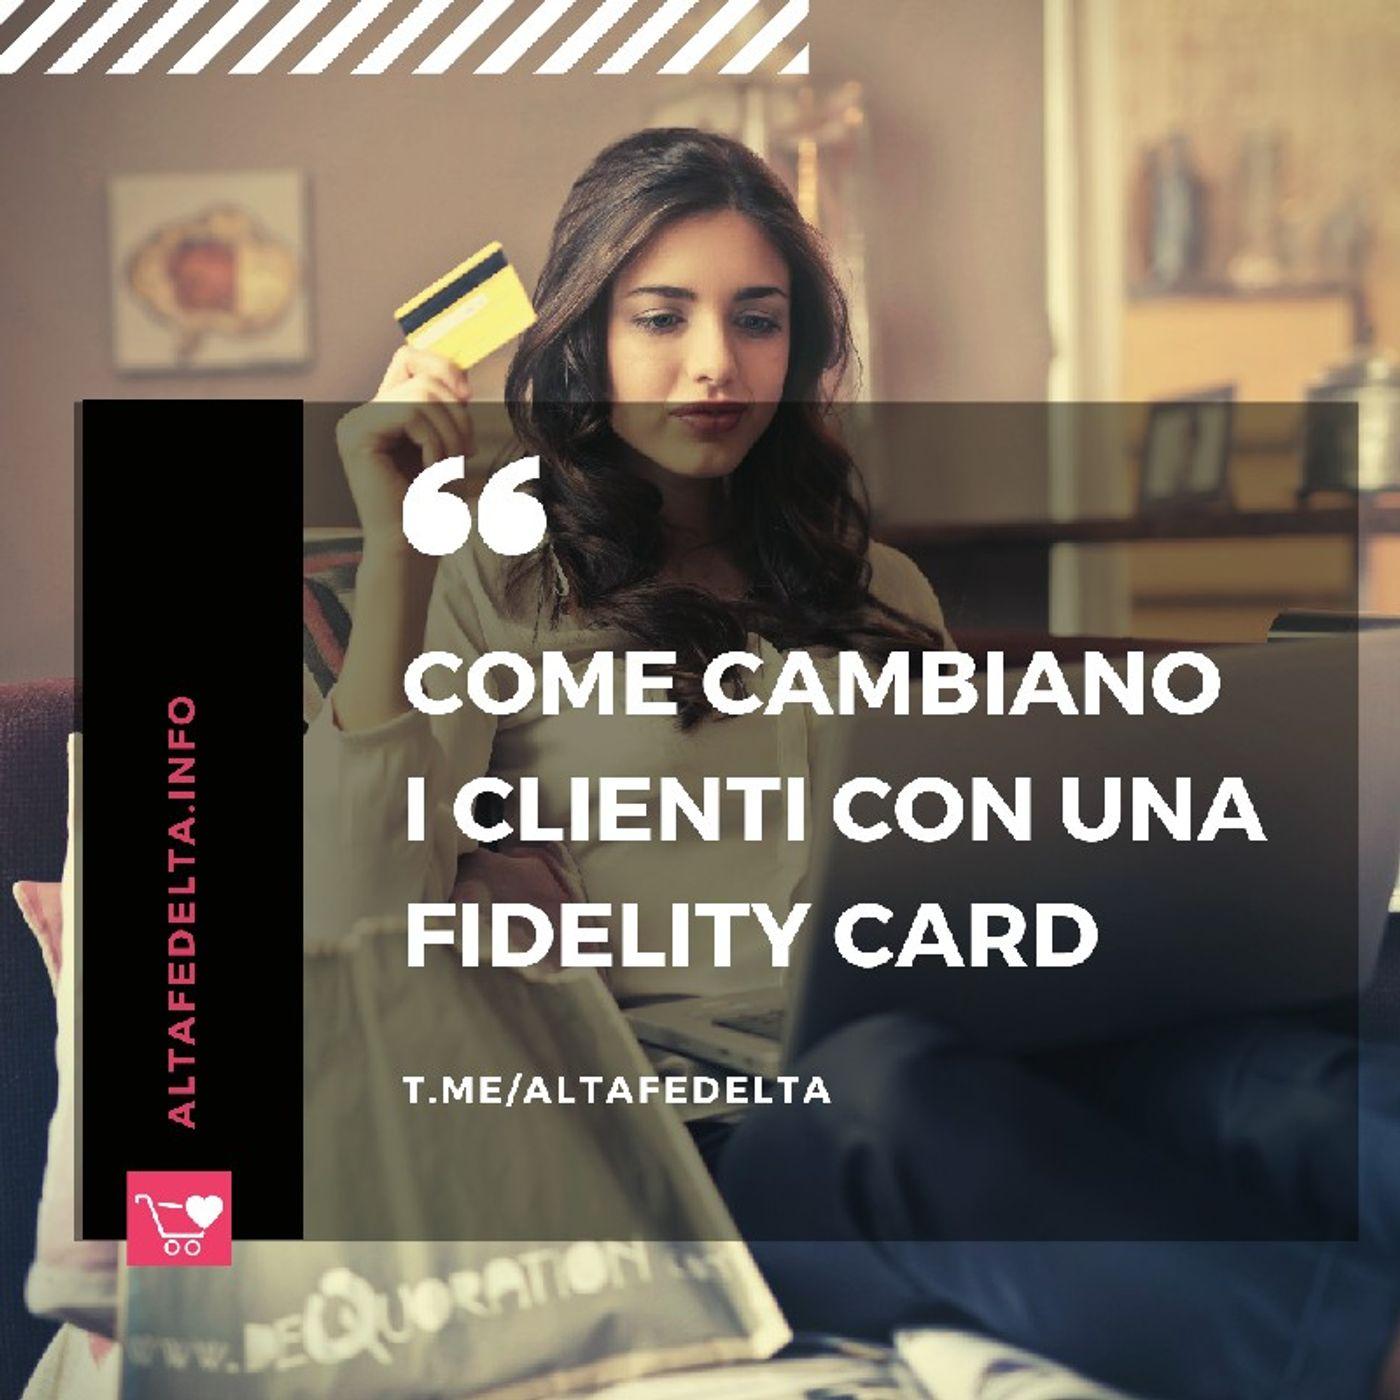 Come Cambiano i Clienti Con Una Fidelity Card